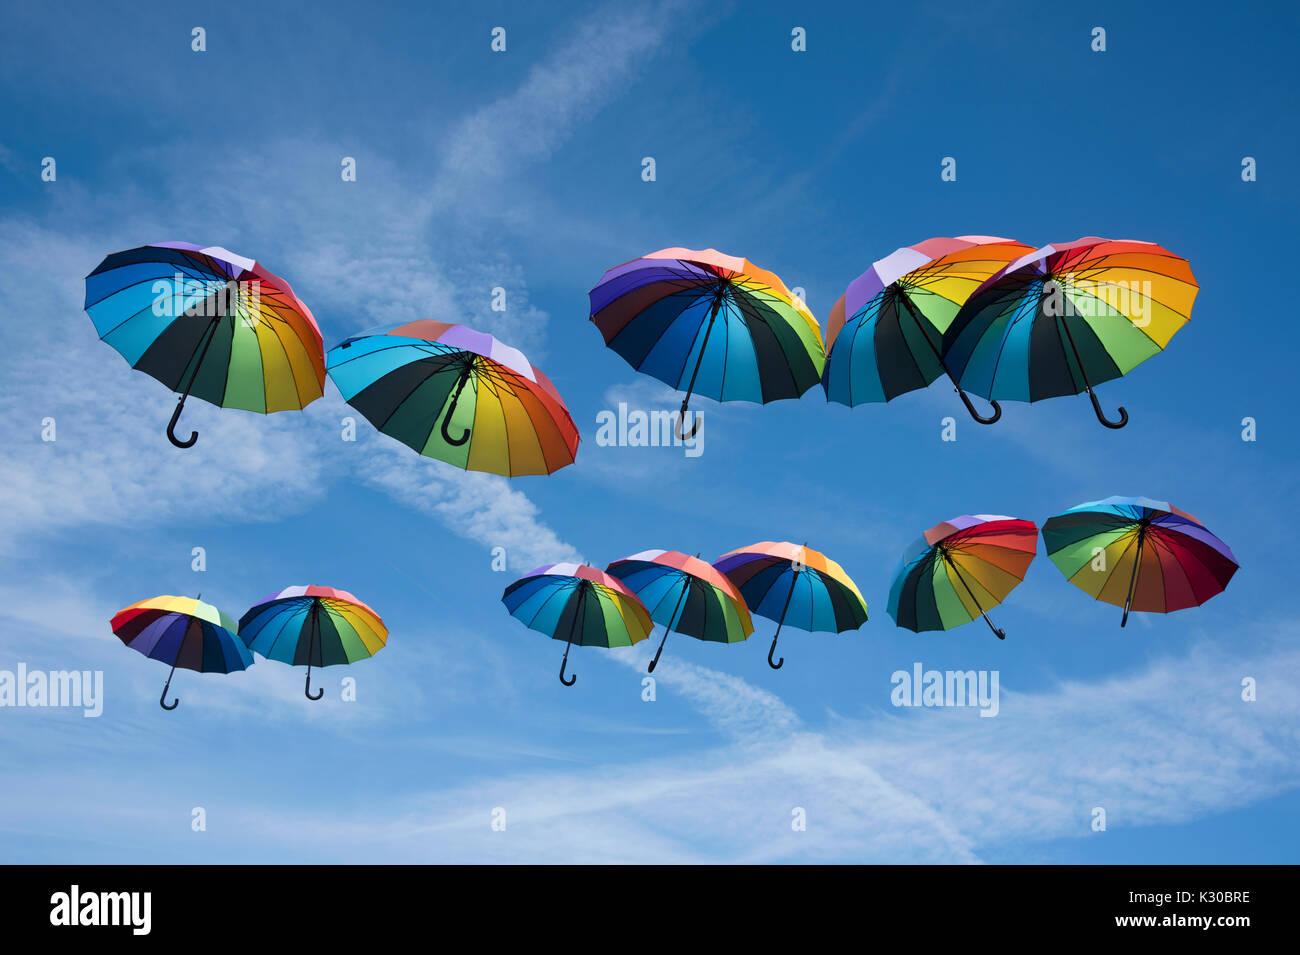 Regenbogenfarbenen Sonnenschirmen im Himmel schweben Stockbild